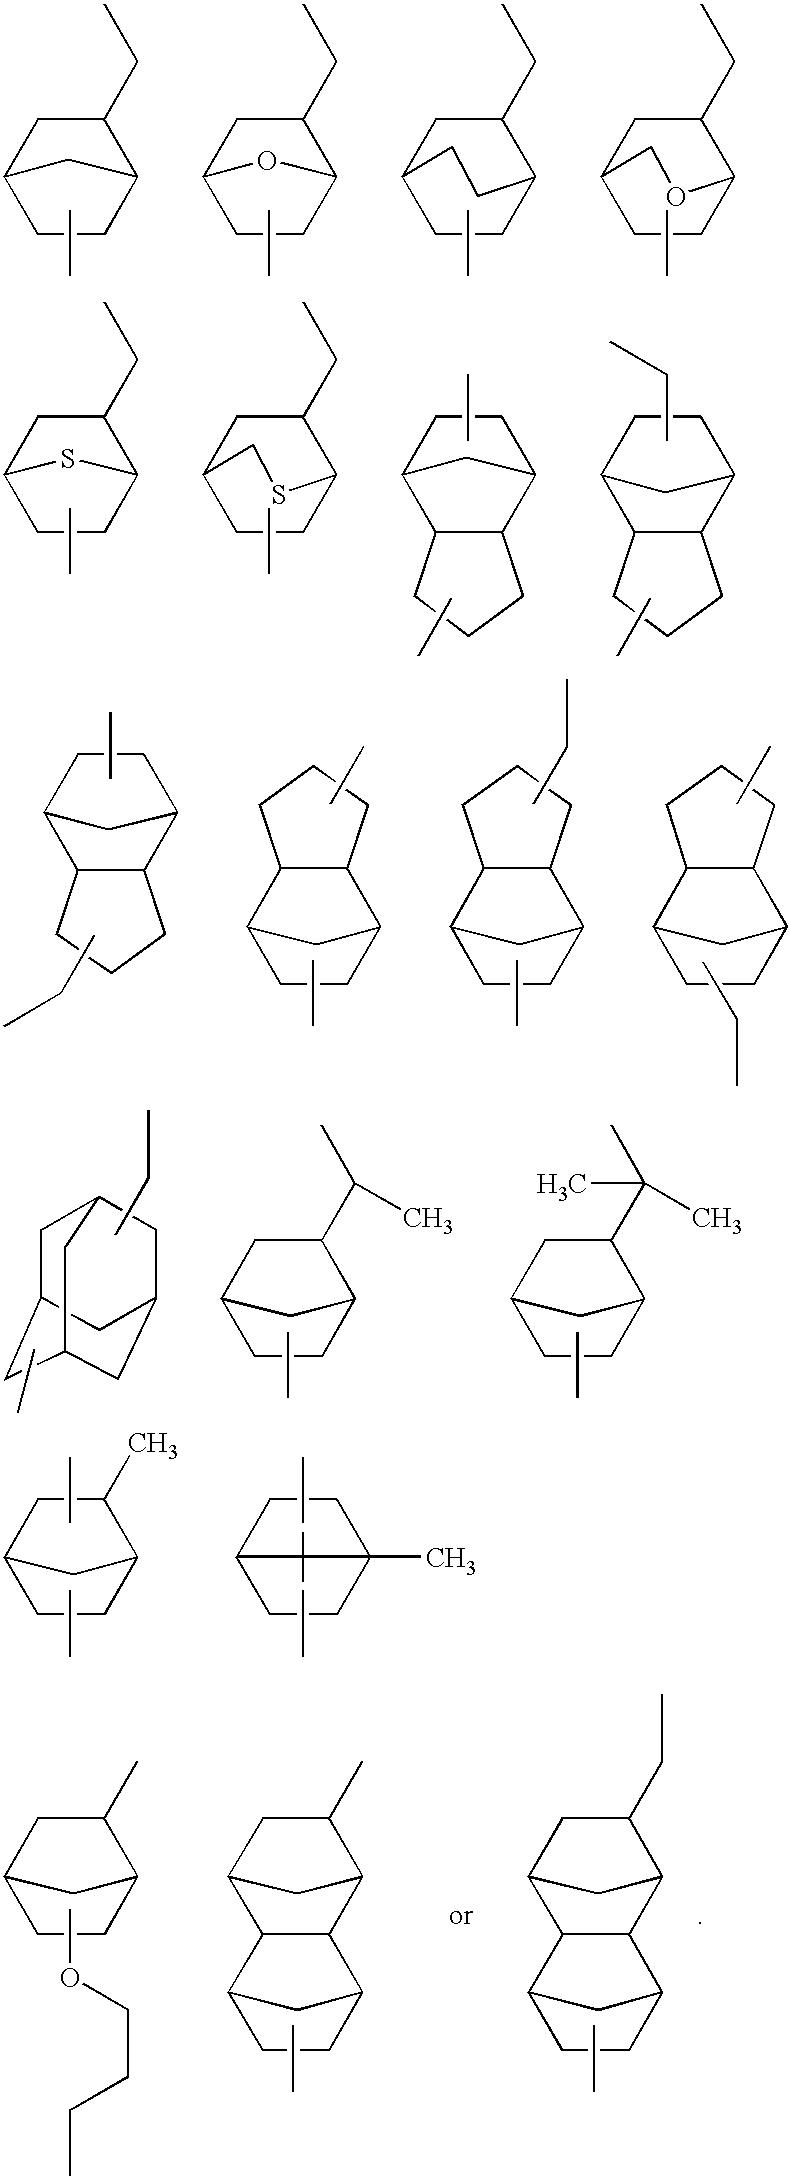 Figure US06623909-20030923-C00036